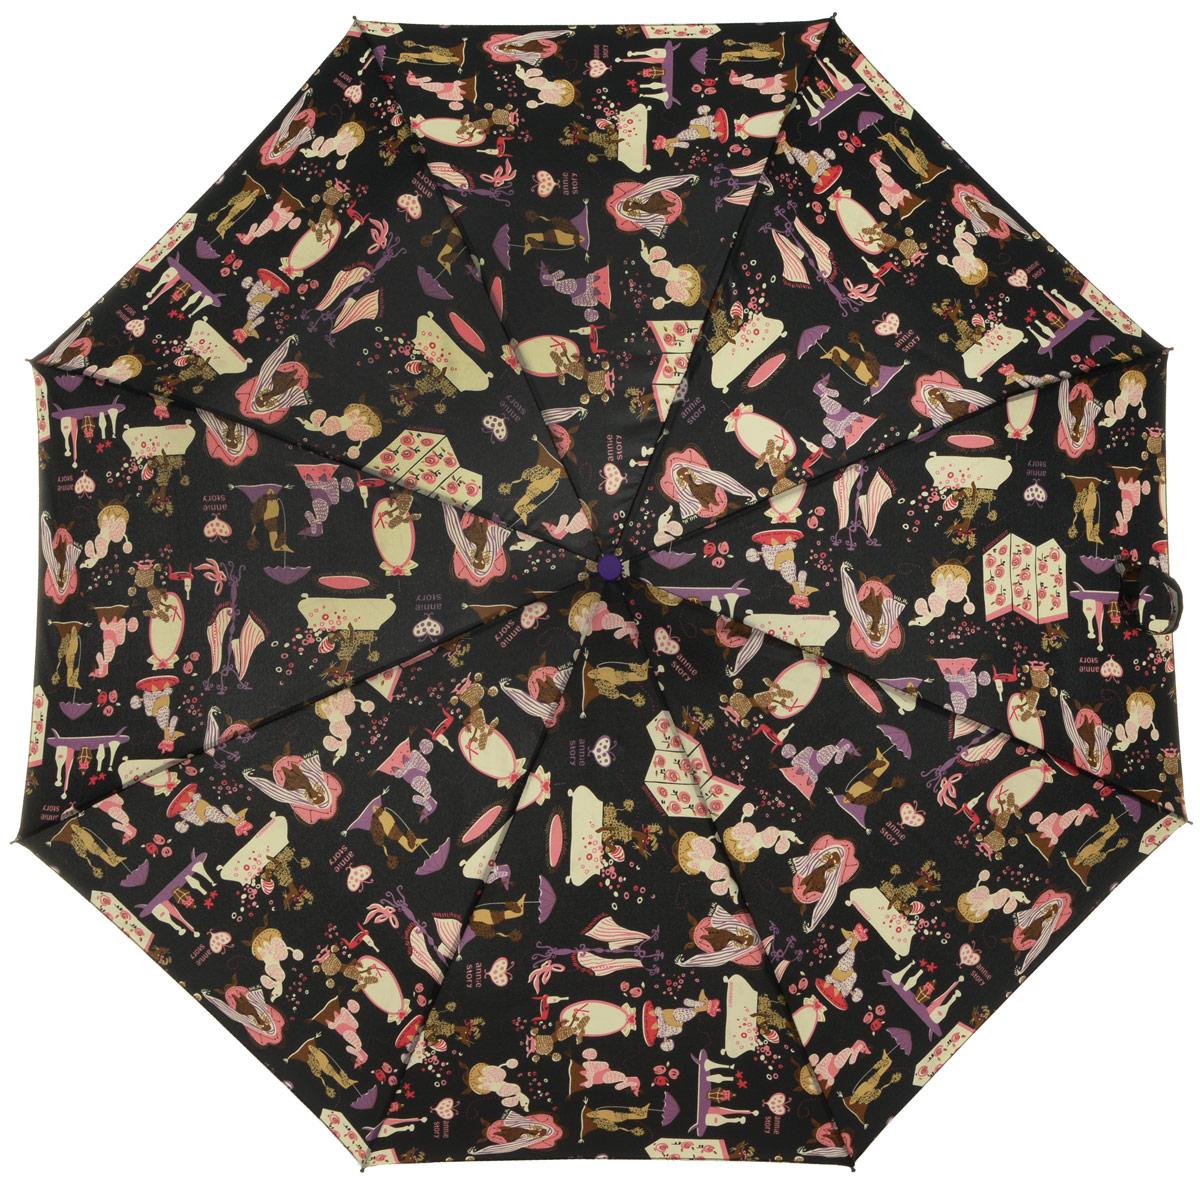 Зонт женский Labbra, автомат, 3 сложения, цвет: черный, мультиколор. A3-05-008A3-05-008Яркий зонт Labbra не оставит вас незамеченной. Зонт оформлен оригинальным принтом в виде цветов. Зонт состоит из восьми спиц и стержня, изготовленных из стали и фибергласса. Купол выполнен из качественного полиэстера и эпонжа, которые не пропускают воду. Зонт дополнен удобной ручкой из пластика. Зонт имеет автоматический механизм сложения: купол открывается и закрывается нажатием кнопки на ручке, стержень складывается вручную до характерного щелчка, благодаря чему открыть и закрыть зонт можно одной рукой. Ручка дополнена петлей, благодаря которой зонт можно носить на запястье . К зонту прилагается чехол. Удобный и практичный аксессуар даже в ненастную погоду позволит вам оставаться стильной и элегантной.